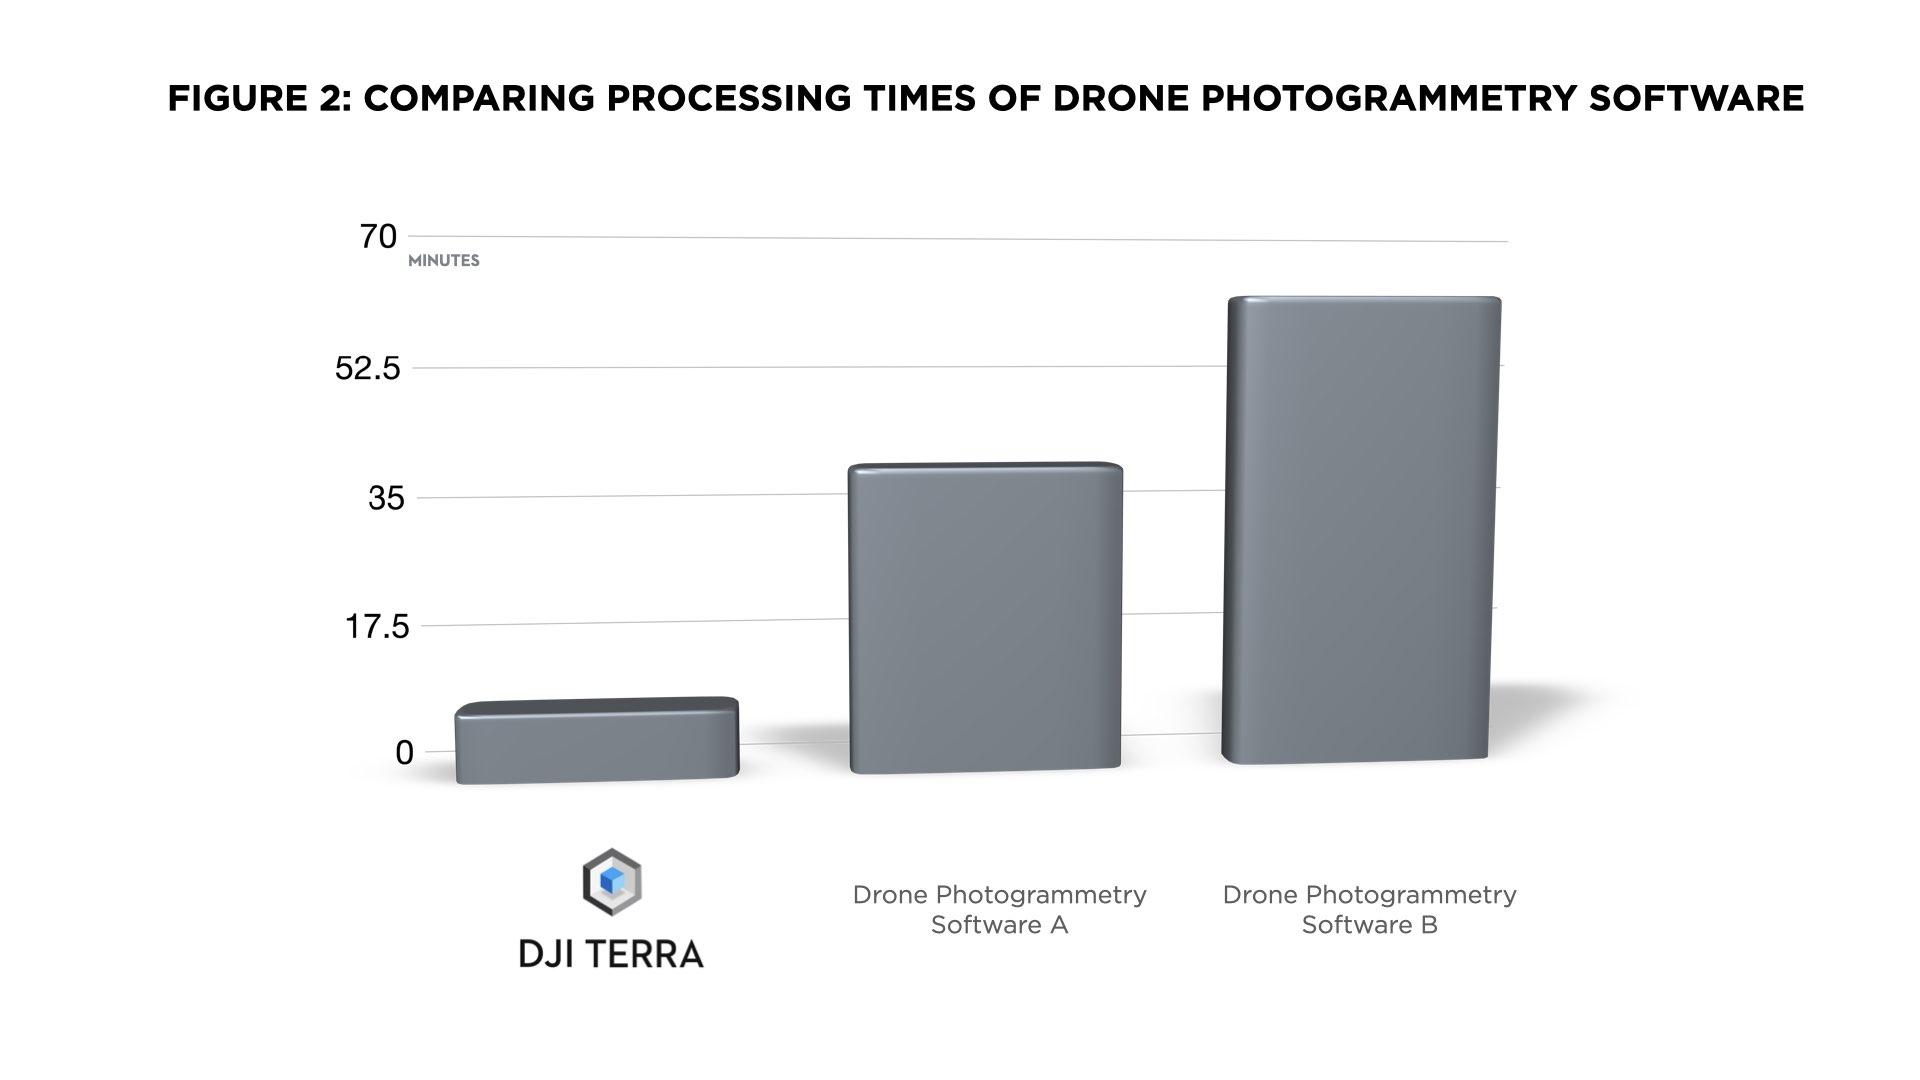 Verwerkingstijden Van Drone-Fotogrammetriesoftware Vergelijken